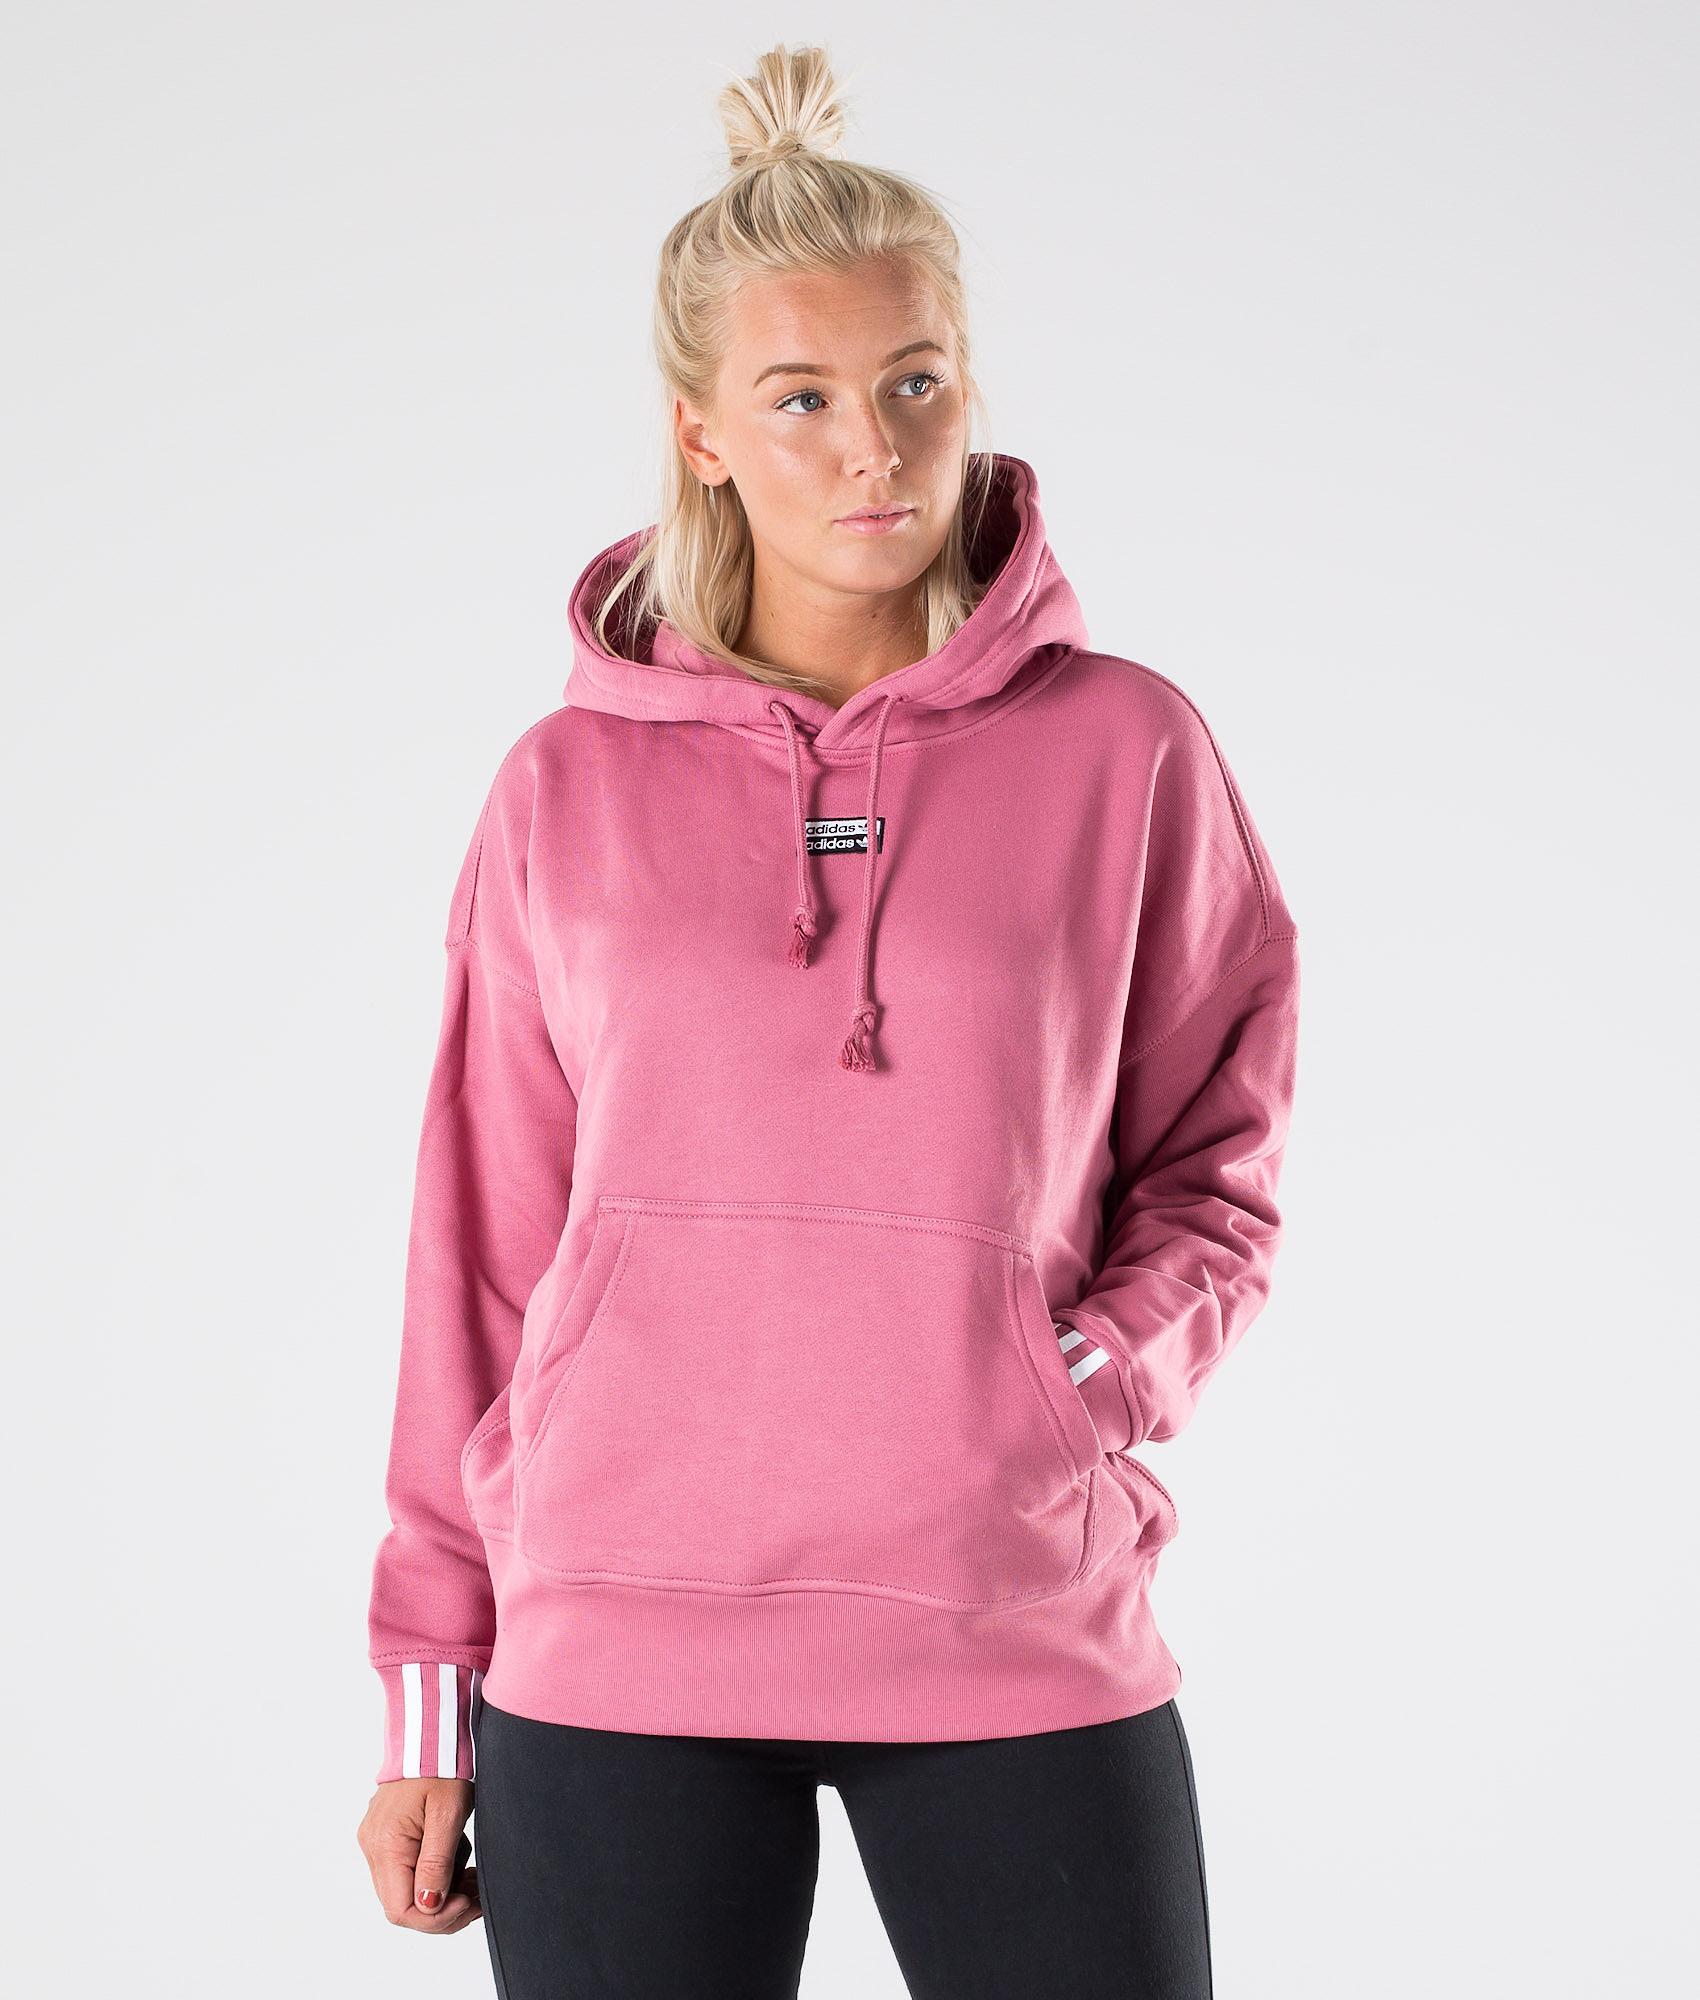 8a06eac3 Adidas Originals